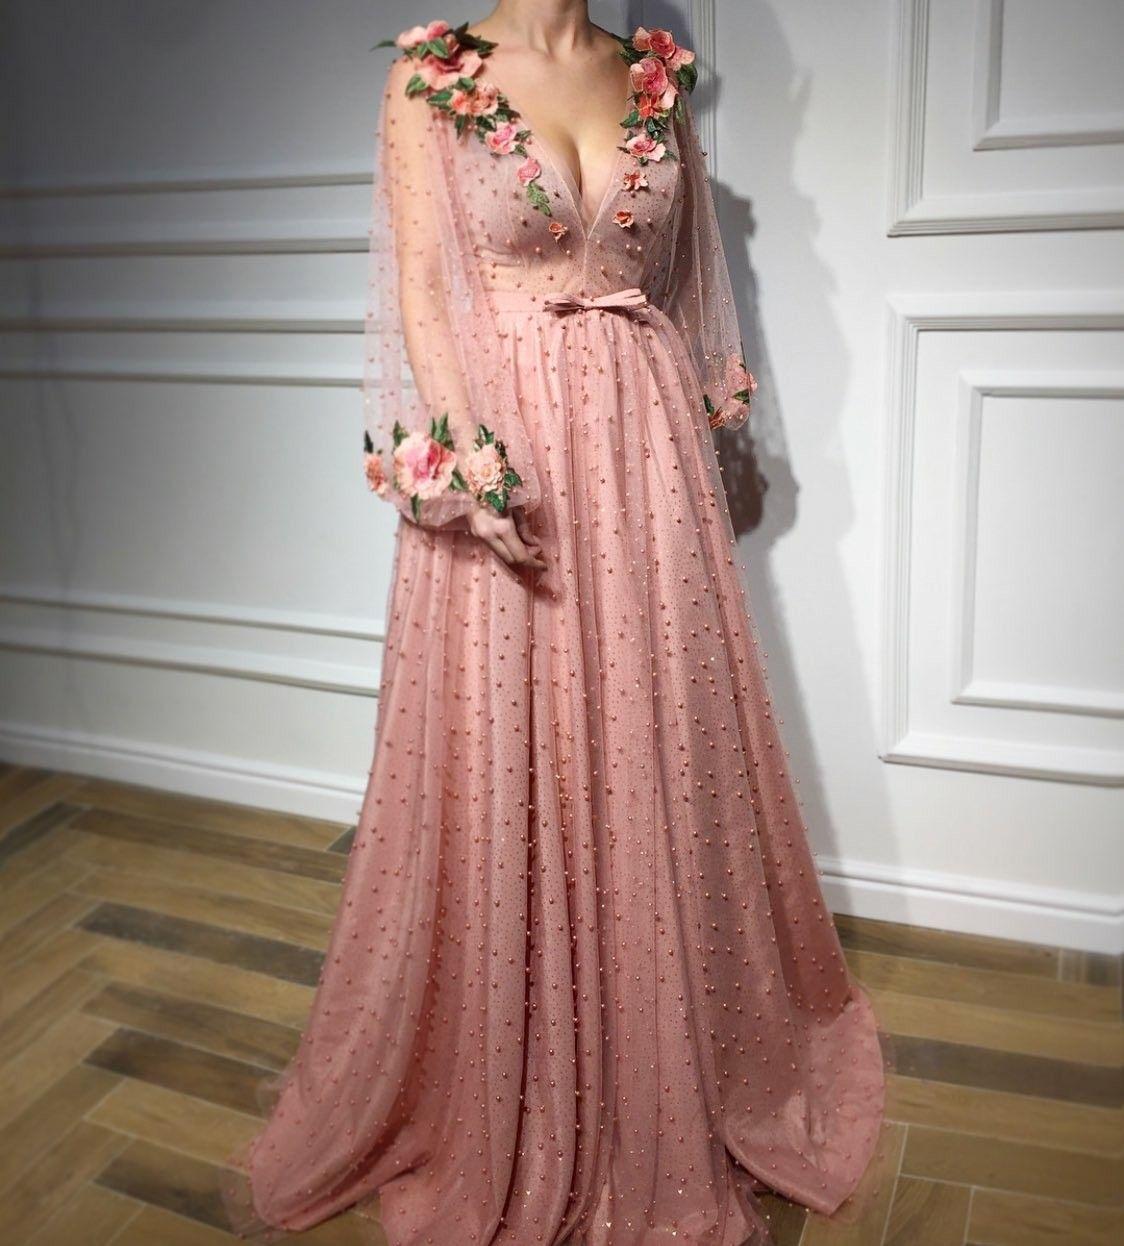 Teuta Matoshi Duriqi Https T Co Zylt2ricue Tulle Prom Dress Formal Dresses Uk Prom Dresses Long